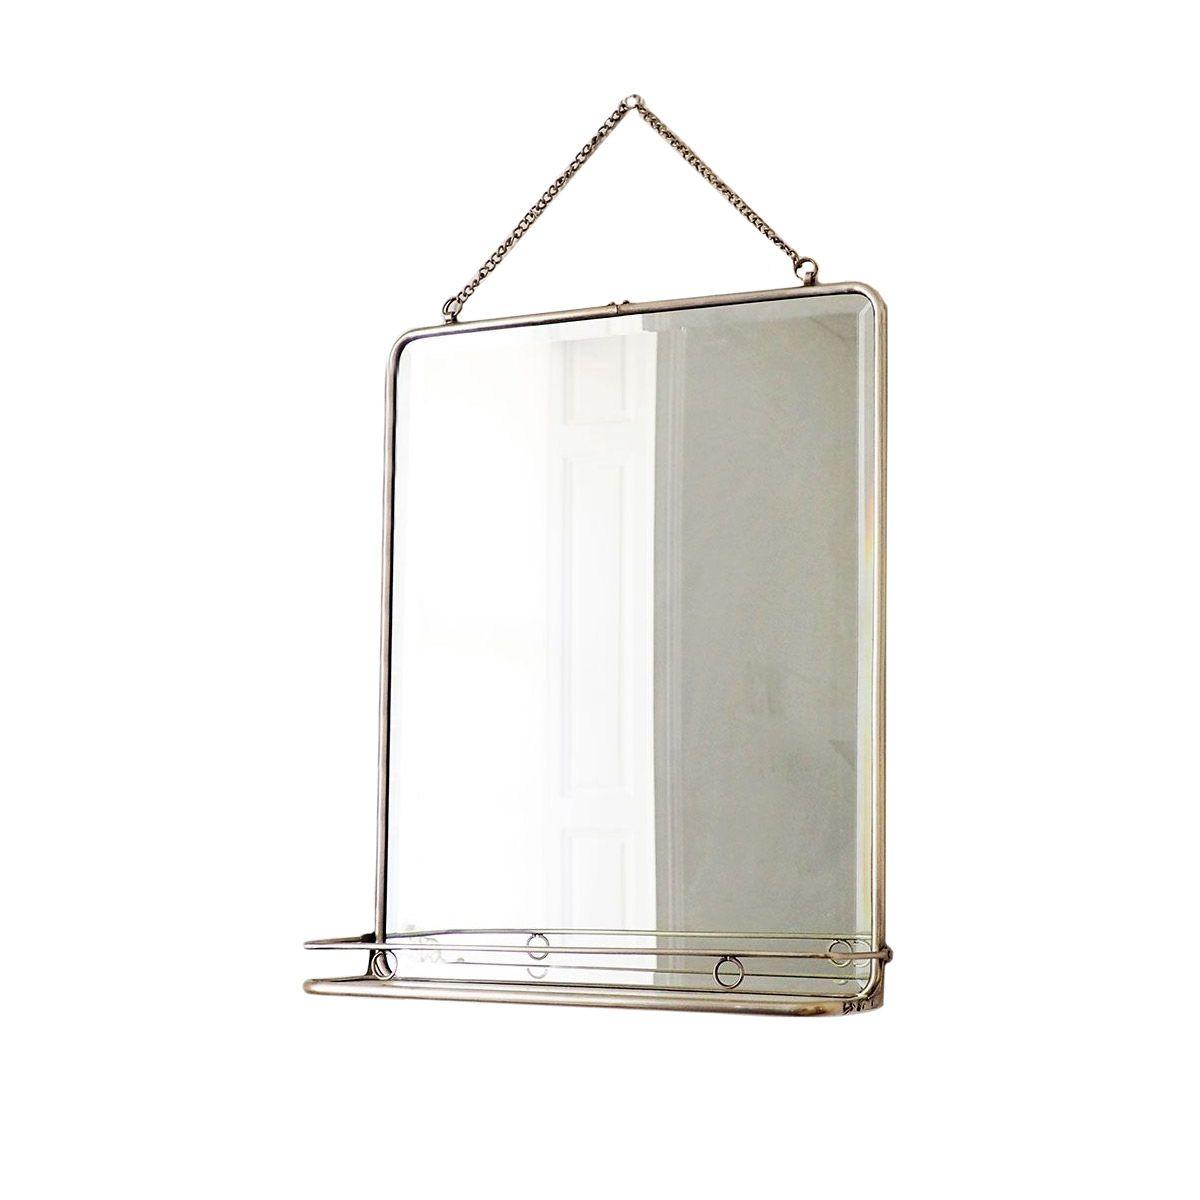 Miroir de barbier argent 41x52